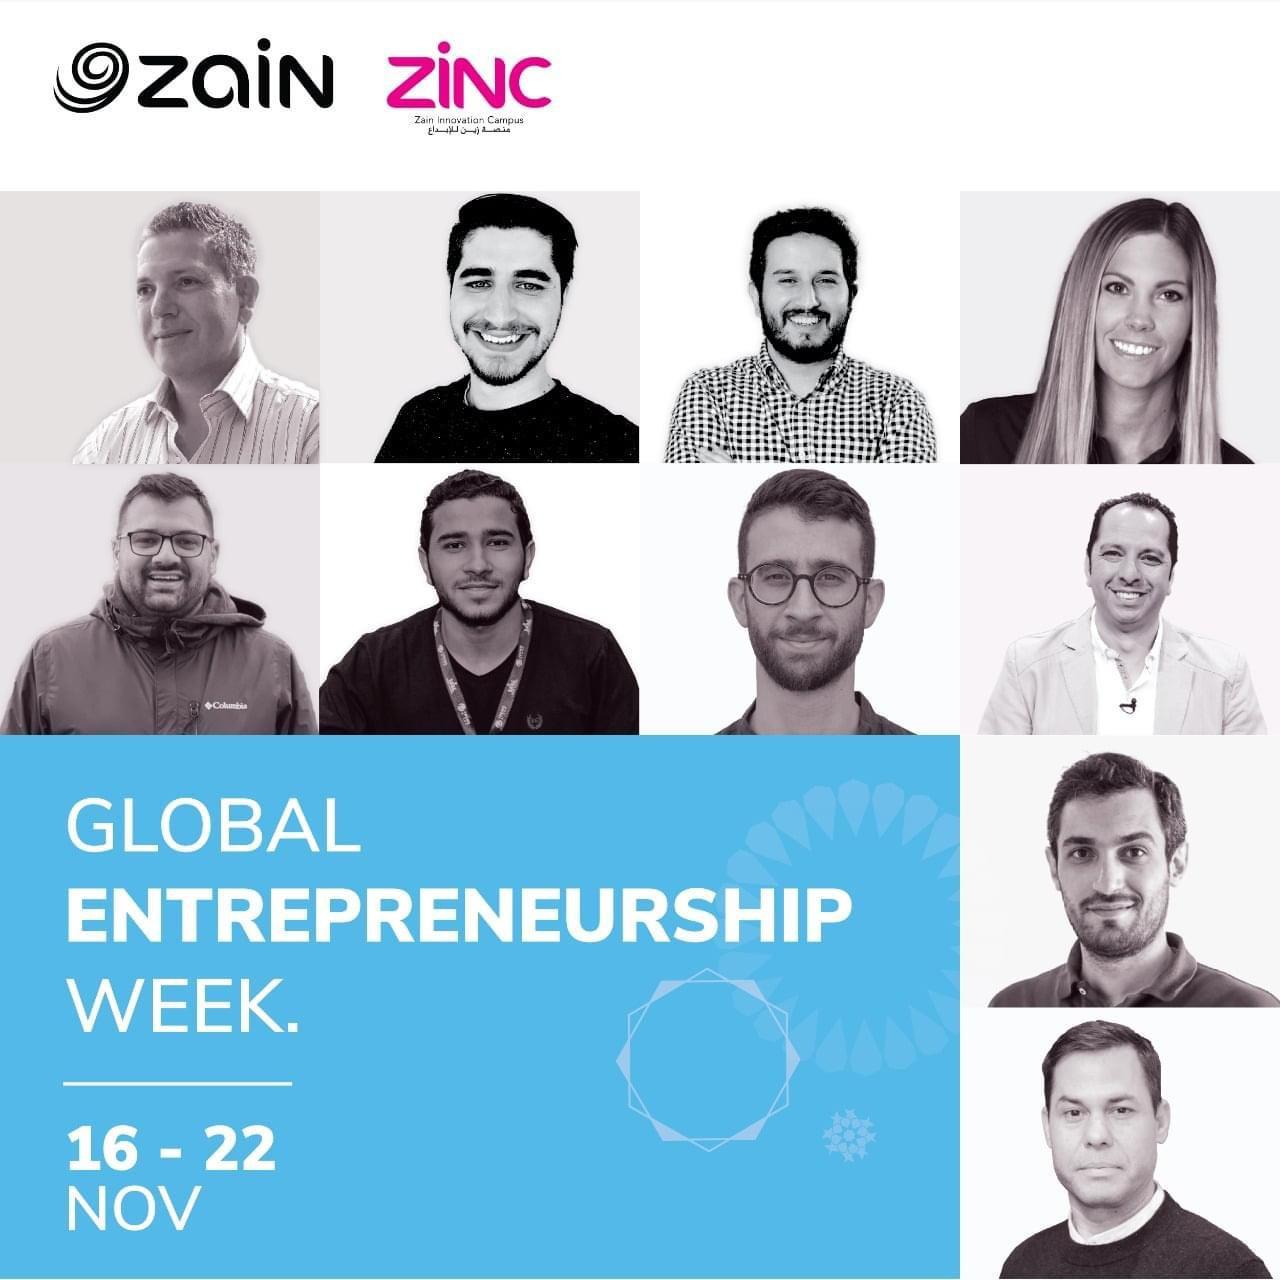 بمشاركة نُخبة من المدرّبين والمختصين في عدّة مجالات منصّة زين للإبداع تُطلق فعالياتها في الأسبوع العالمي لريادة الأعمال 2020